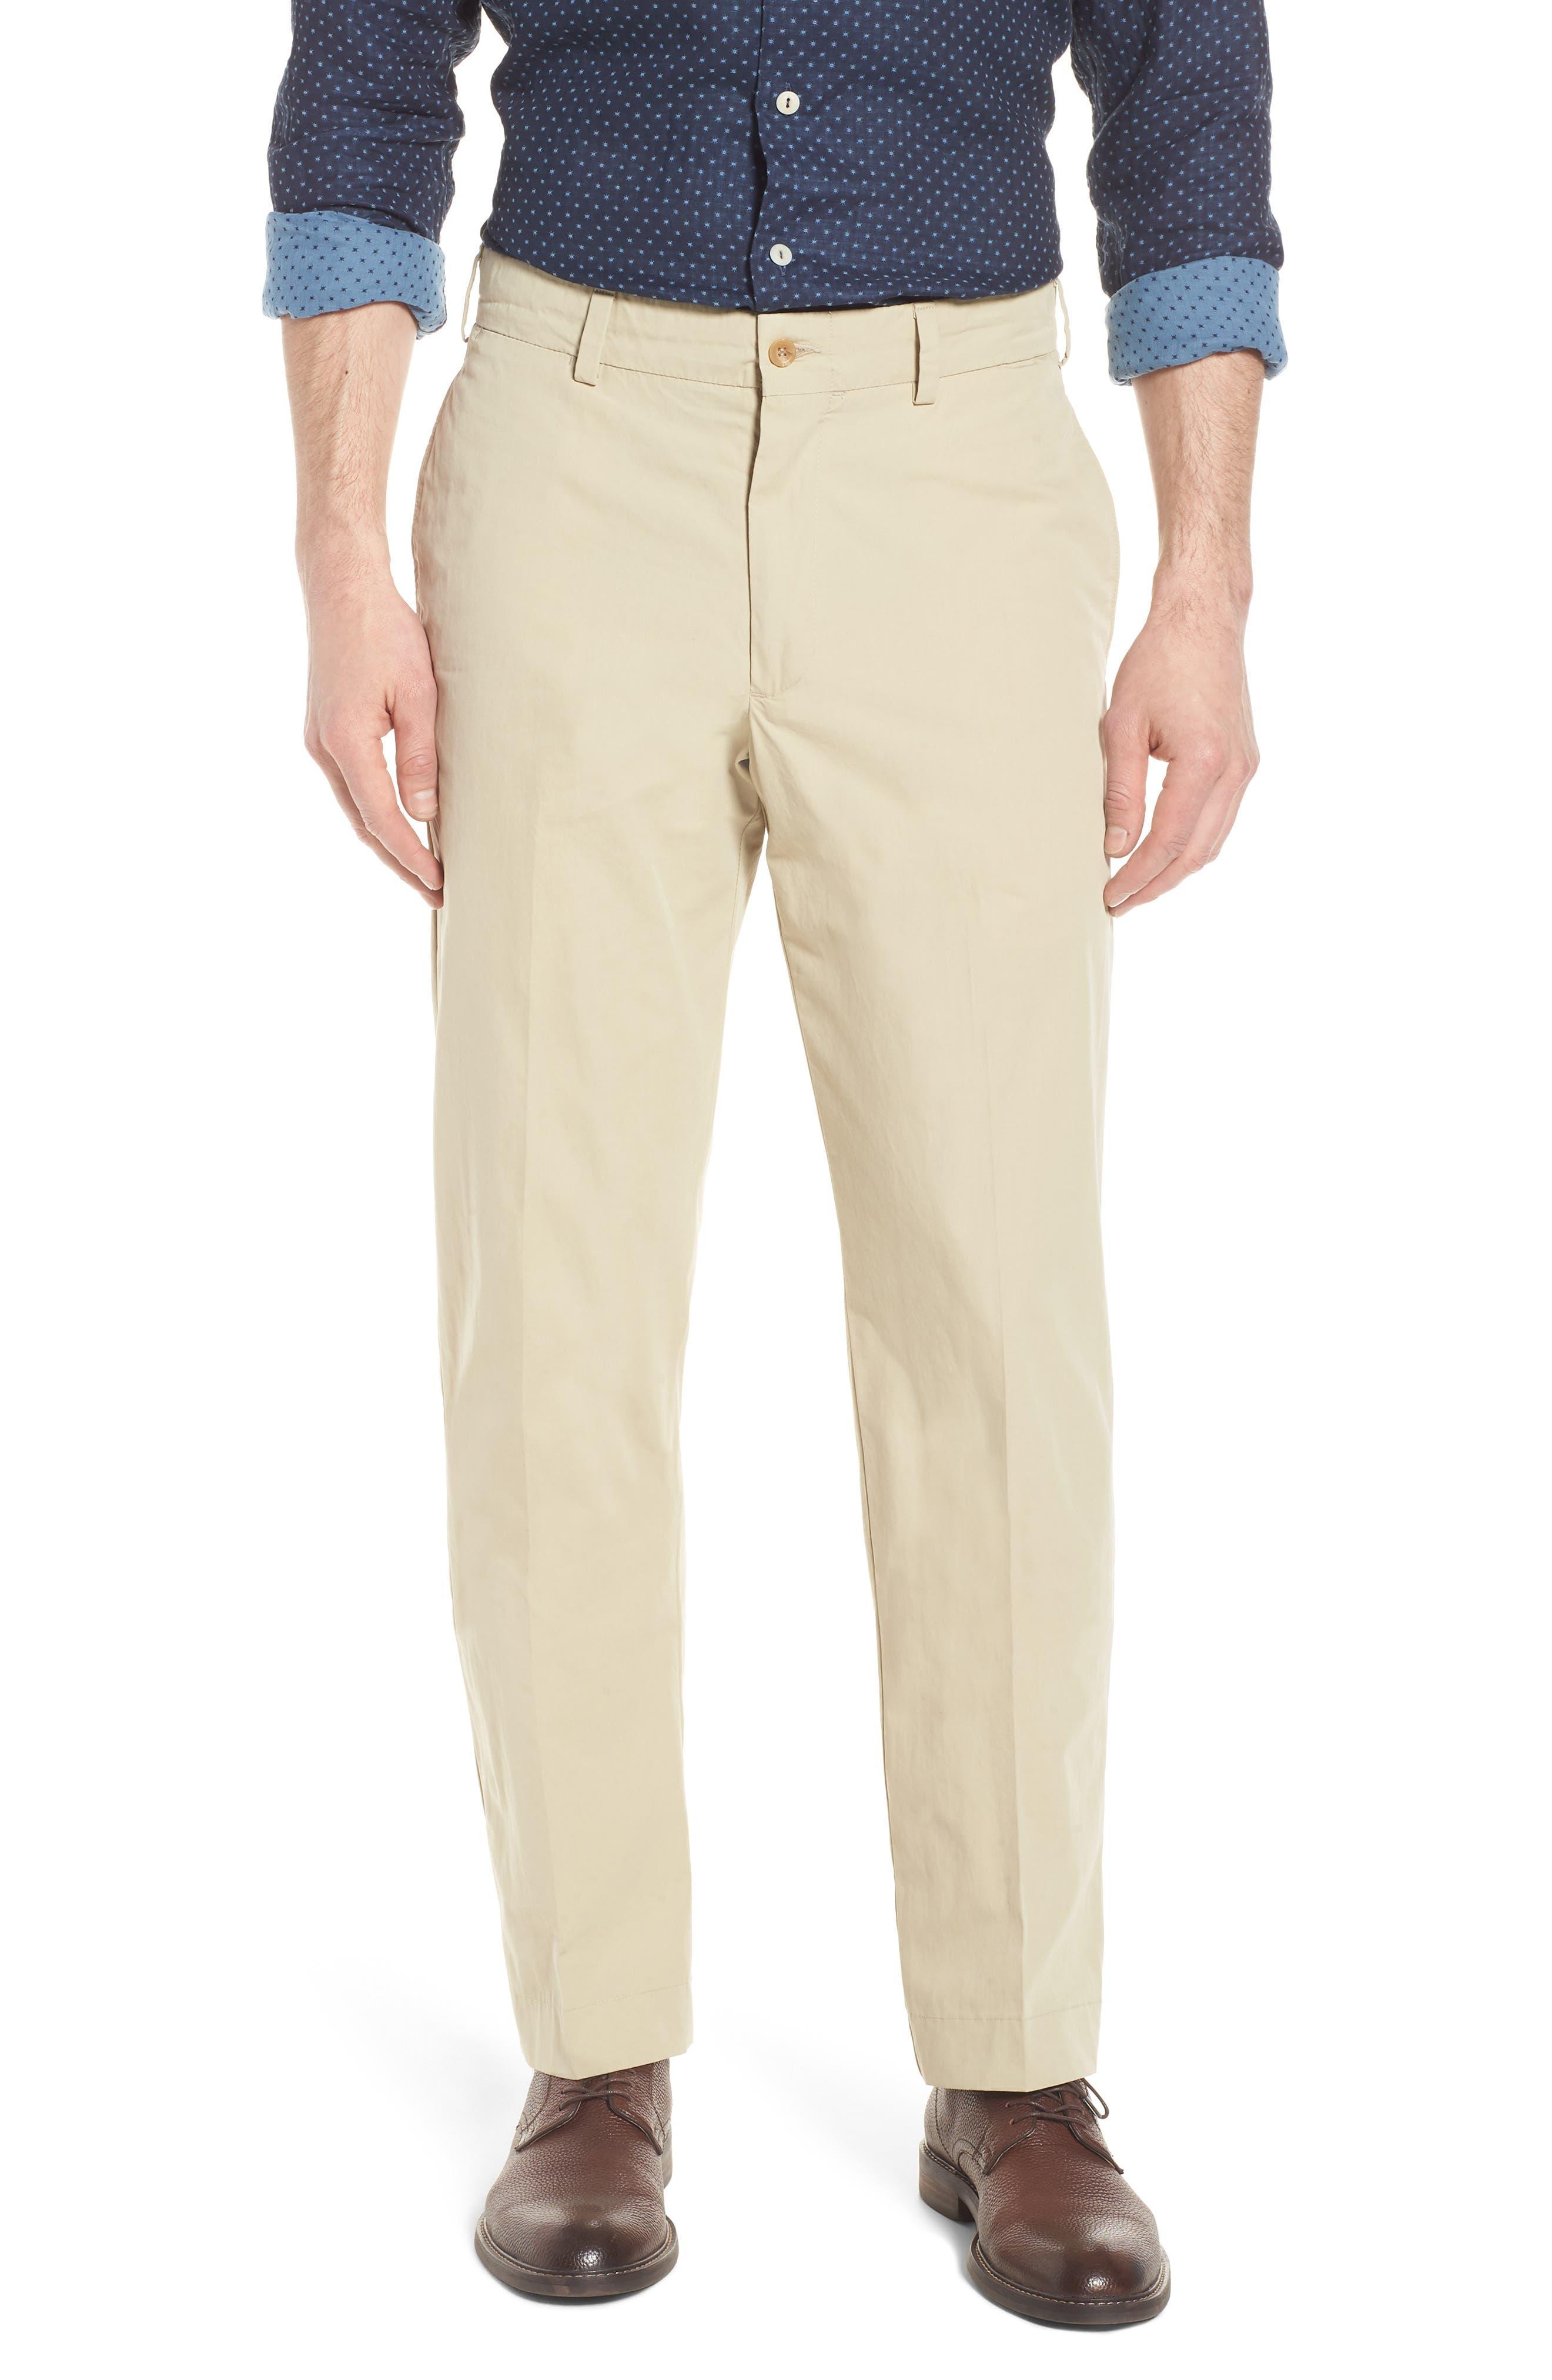 M2 Classic Fit Flat Front Tropical Cotton Poplin Pants,                             Main thumbnail 1, color,                             250